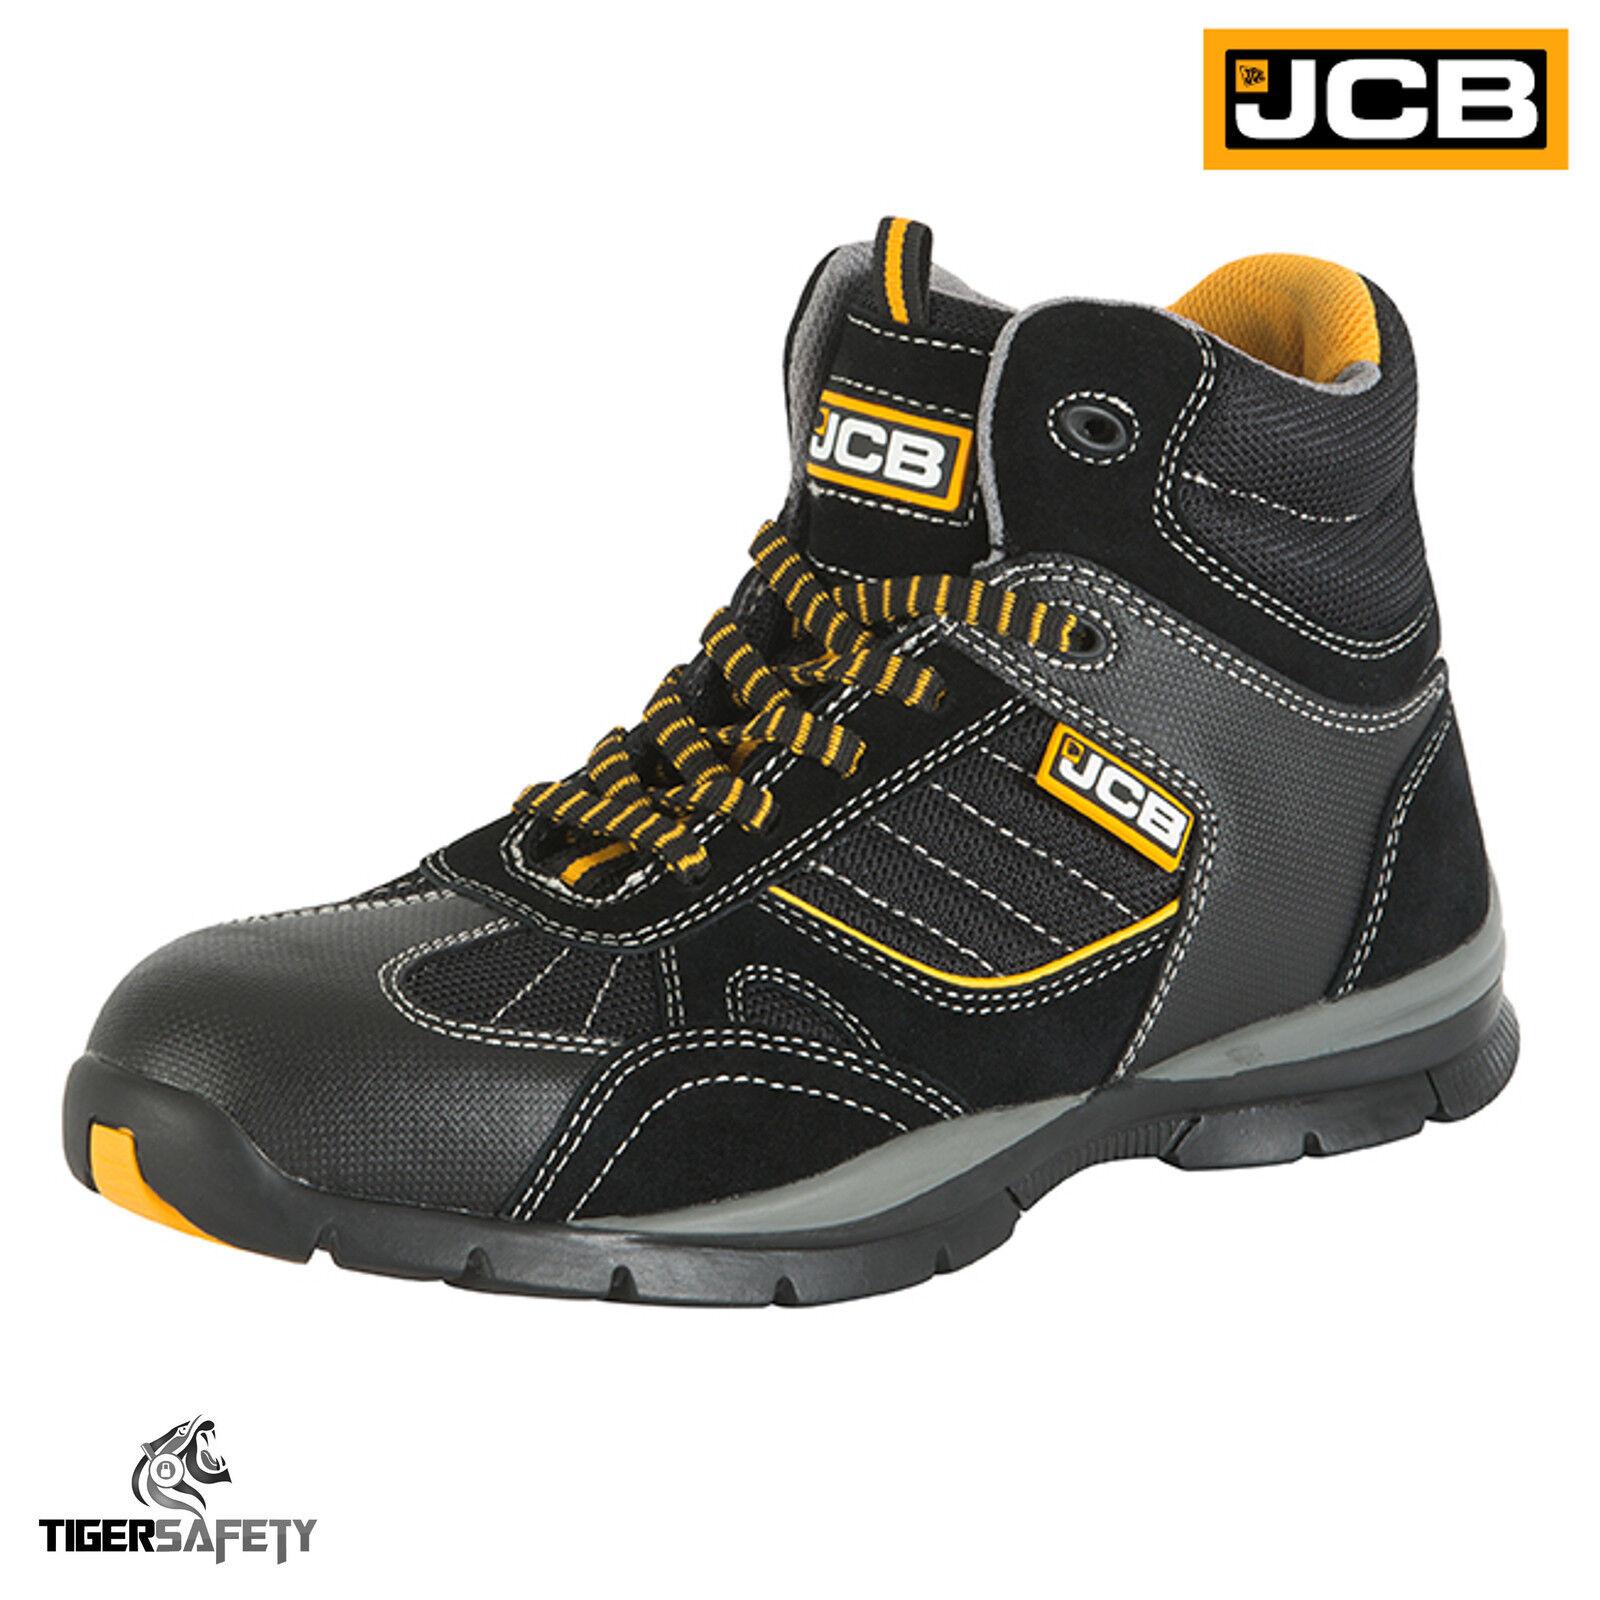 JCB Rock SB HRO Puntale in acciaio nero Sicurezza Stile Sportivo Stivali Di Sicurezza nero Lavoro Scarpe Da Ginnastica PPE 00c2b2